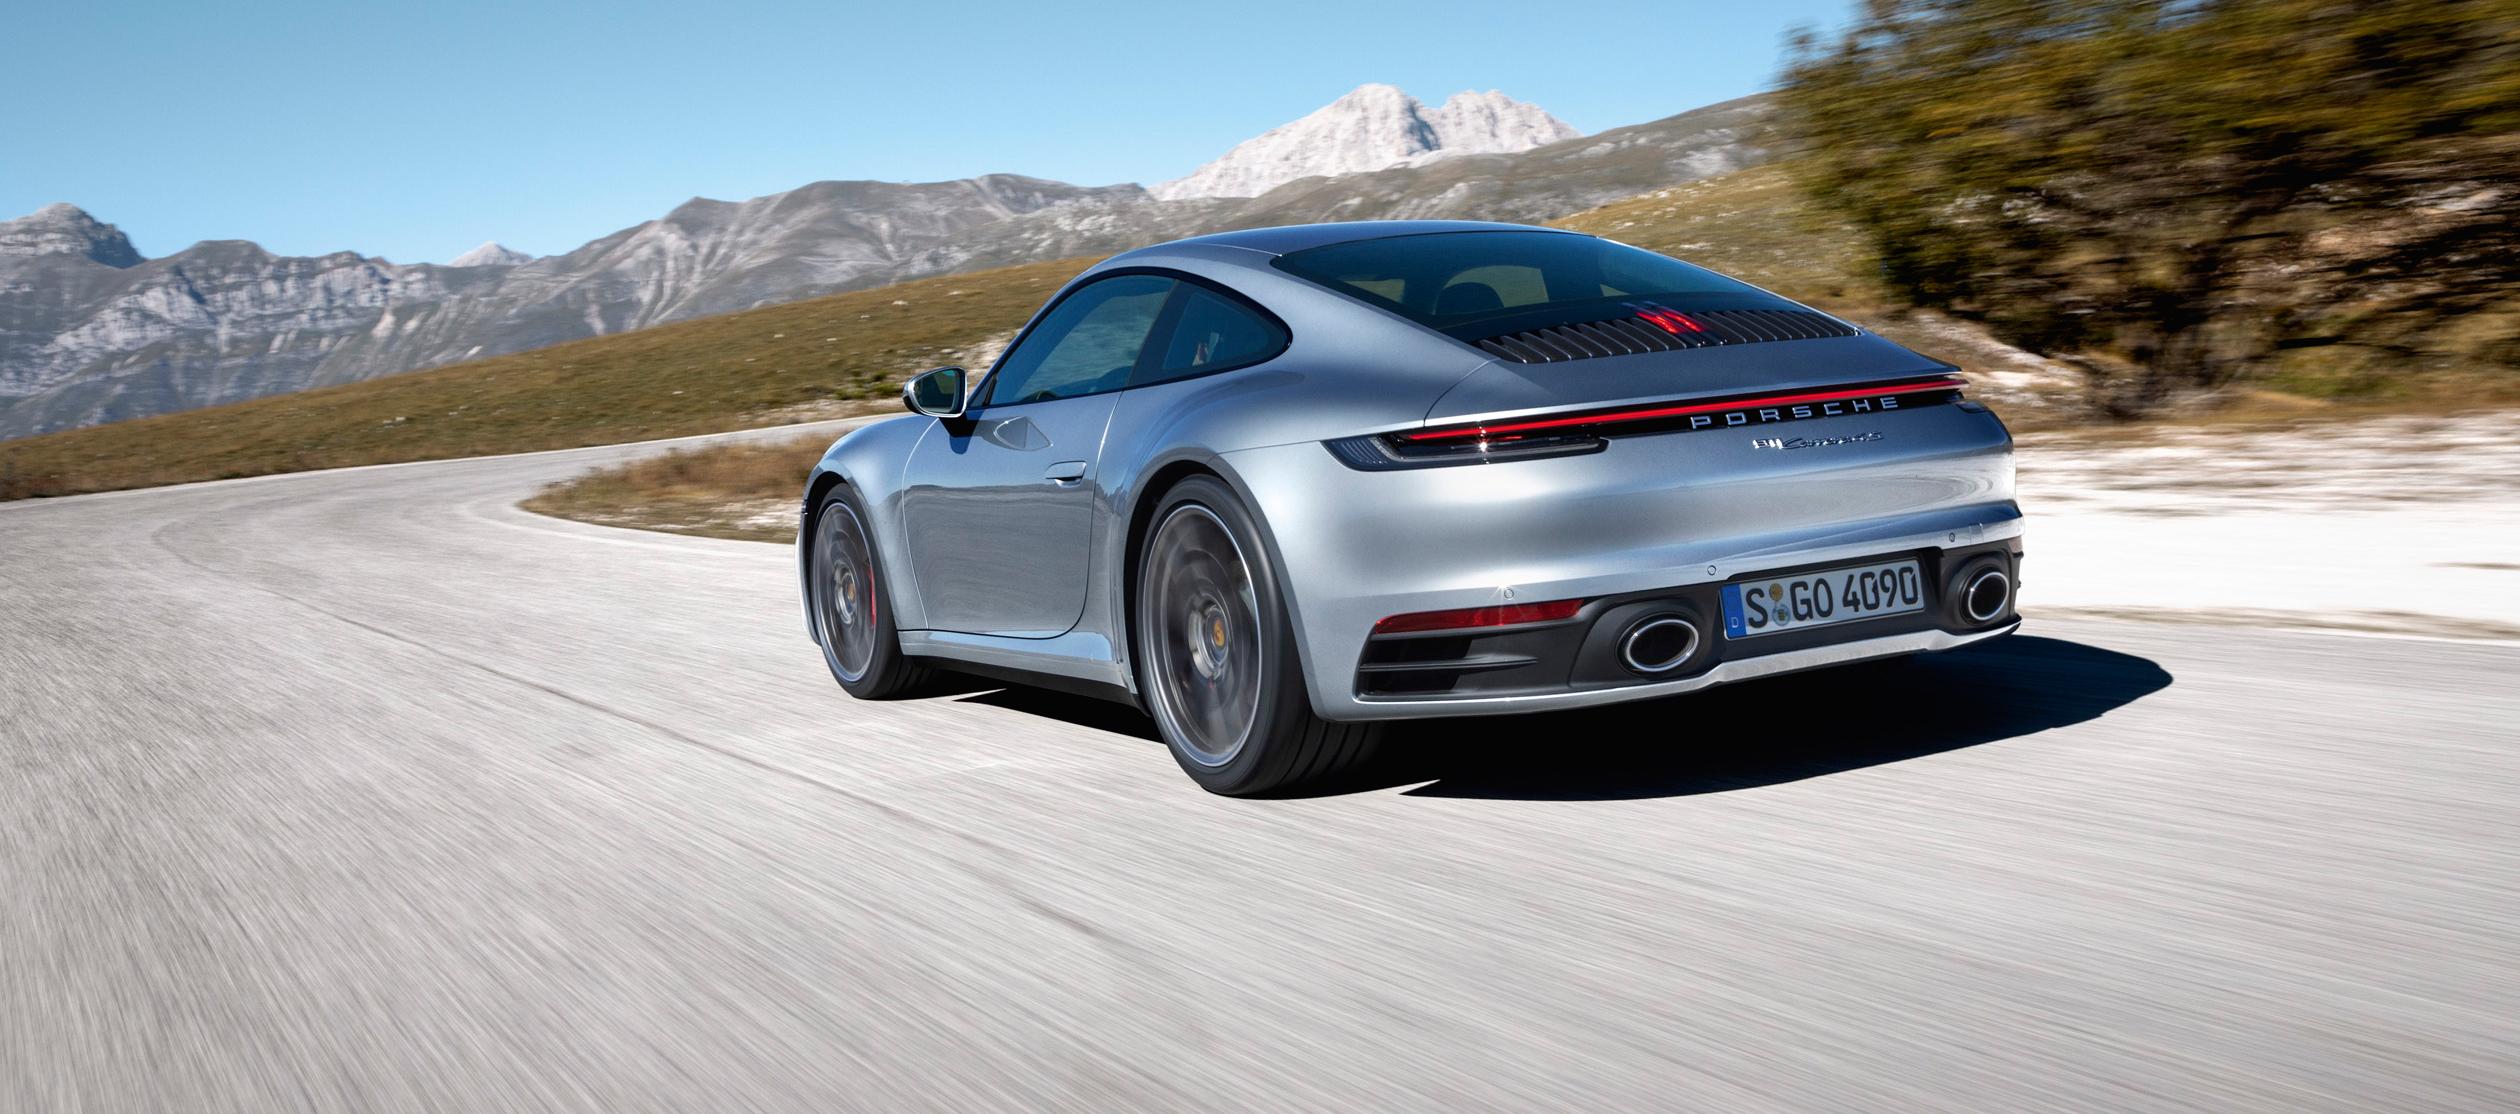 Nuevo Porsche 911 Cabrio, la excelencia del diseño de la carrocería